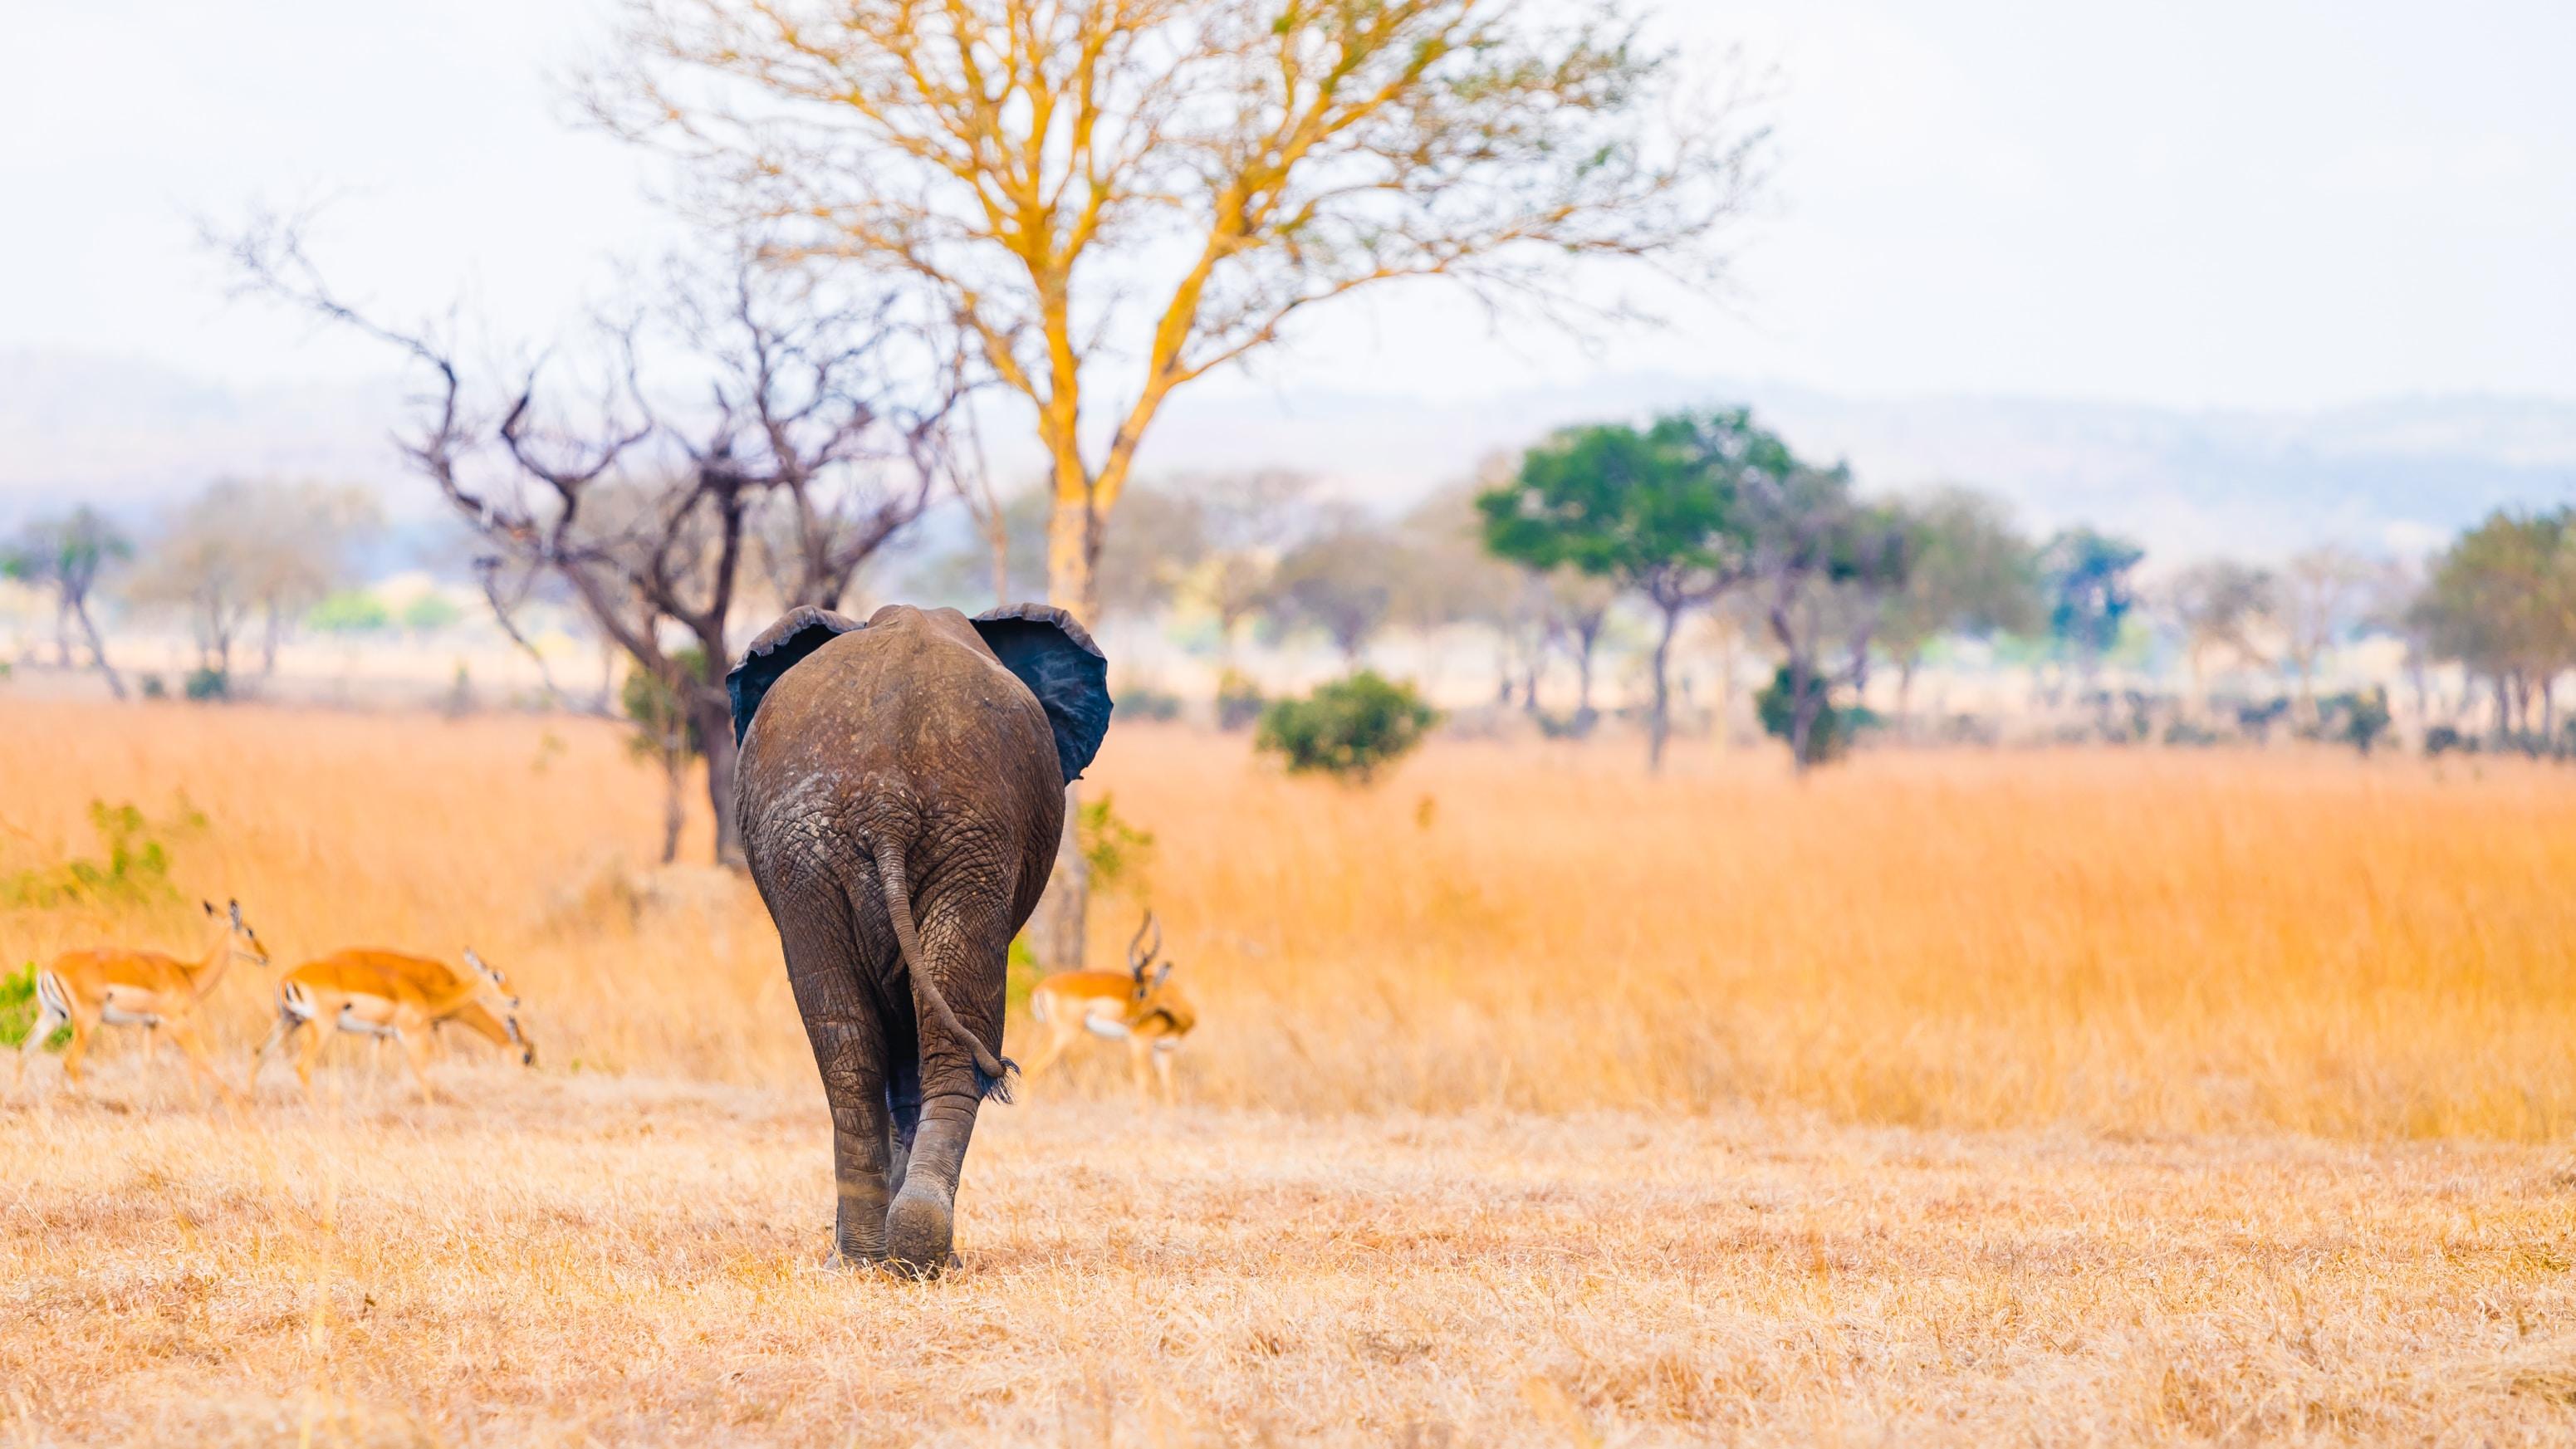 elephant walking near gazelle